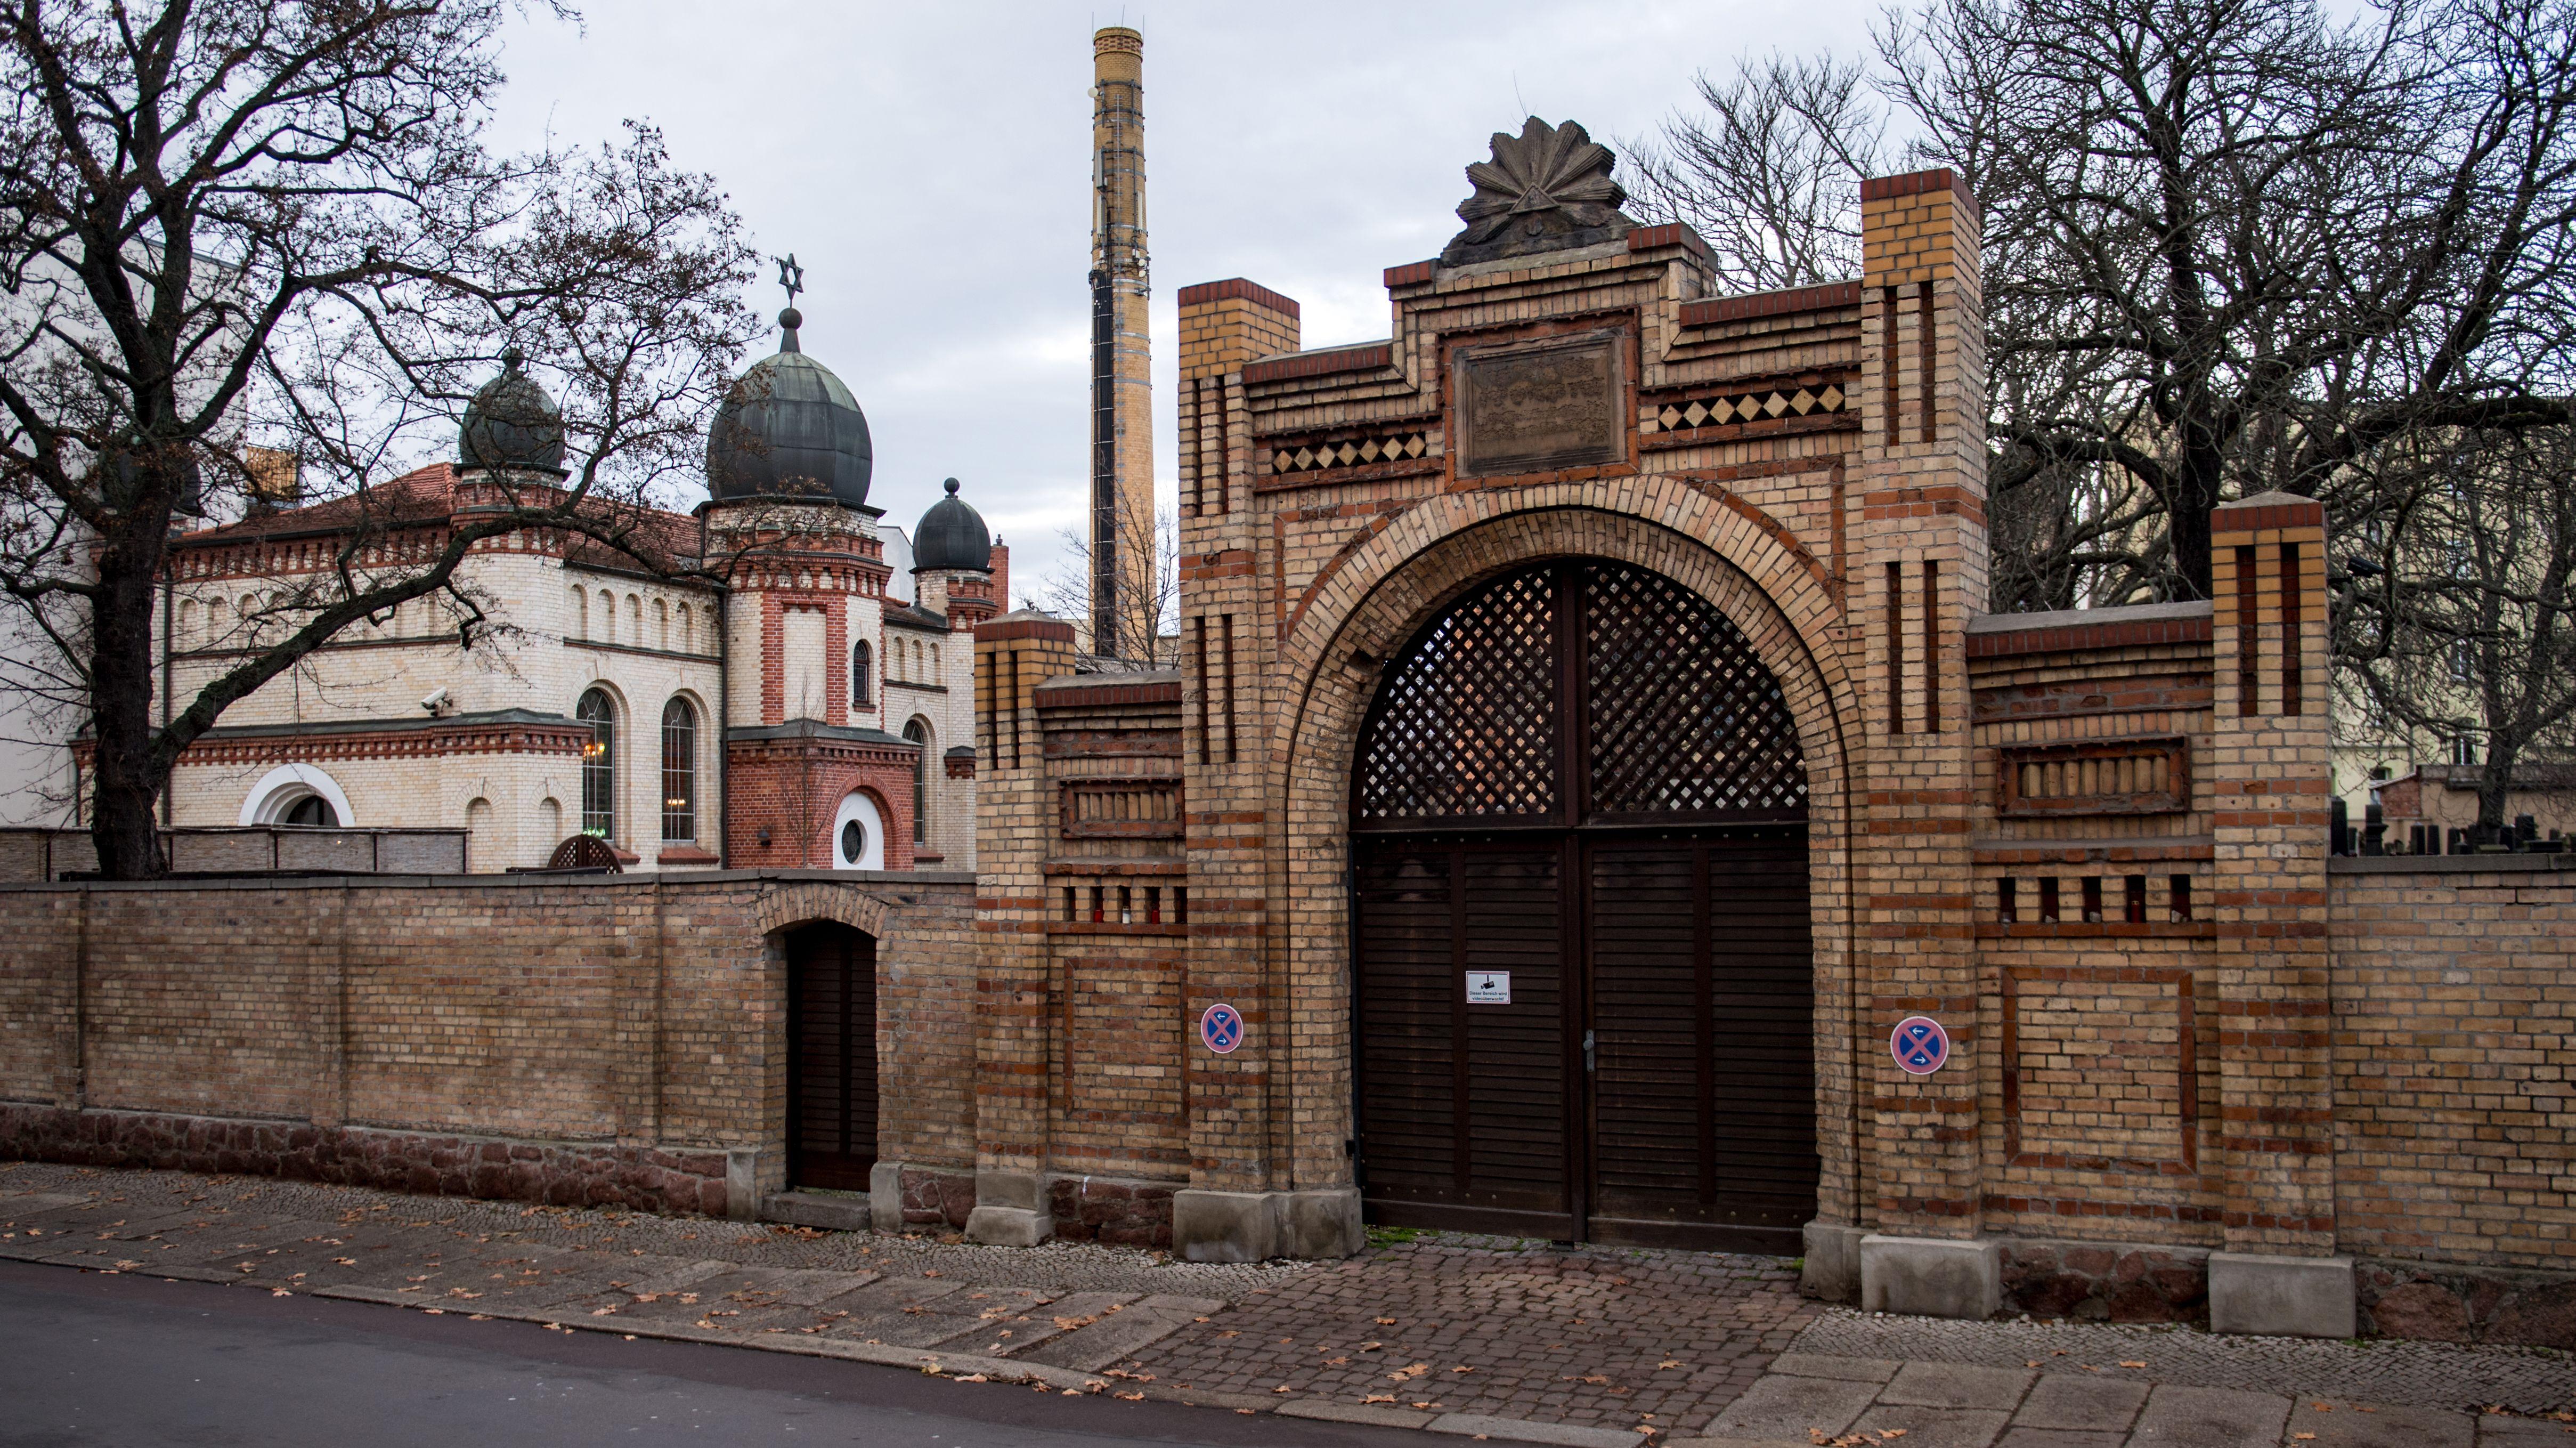 20.12.2019, Blick auf die Synagoge in Halle/Saale.